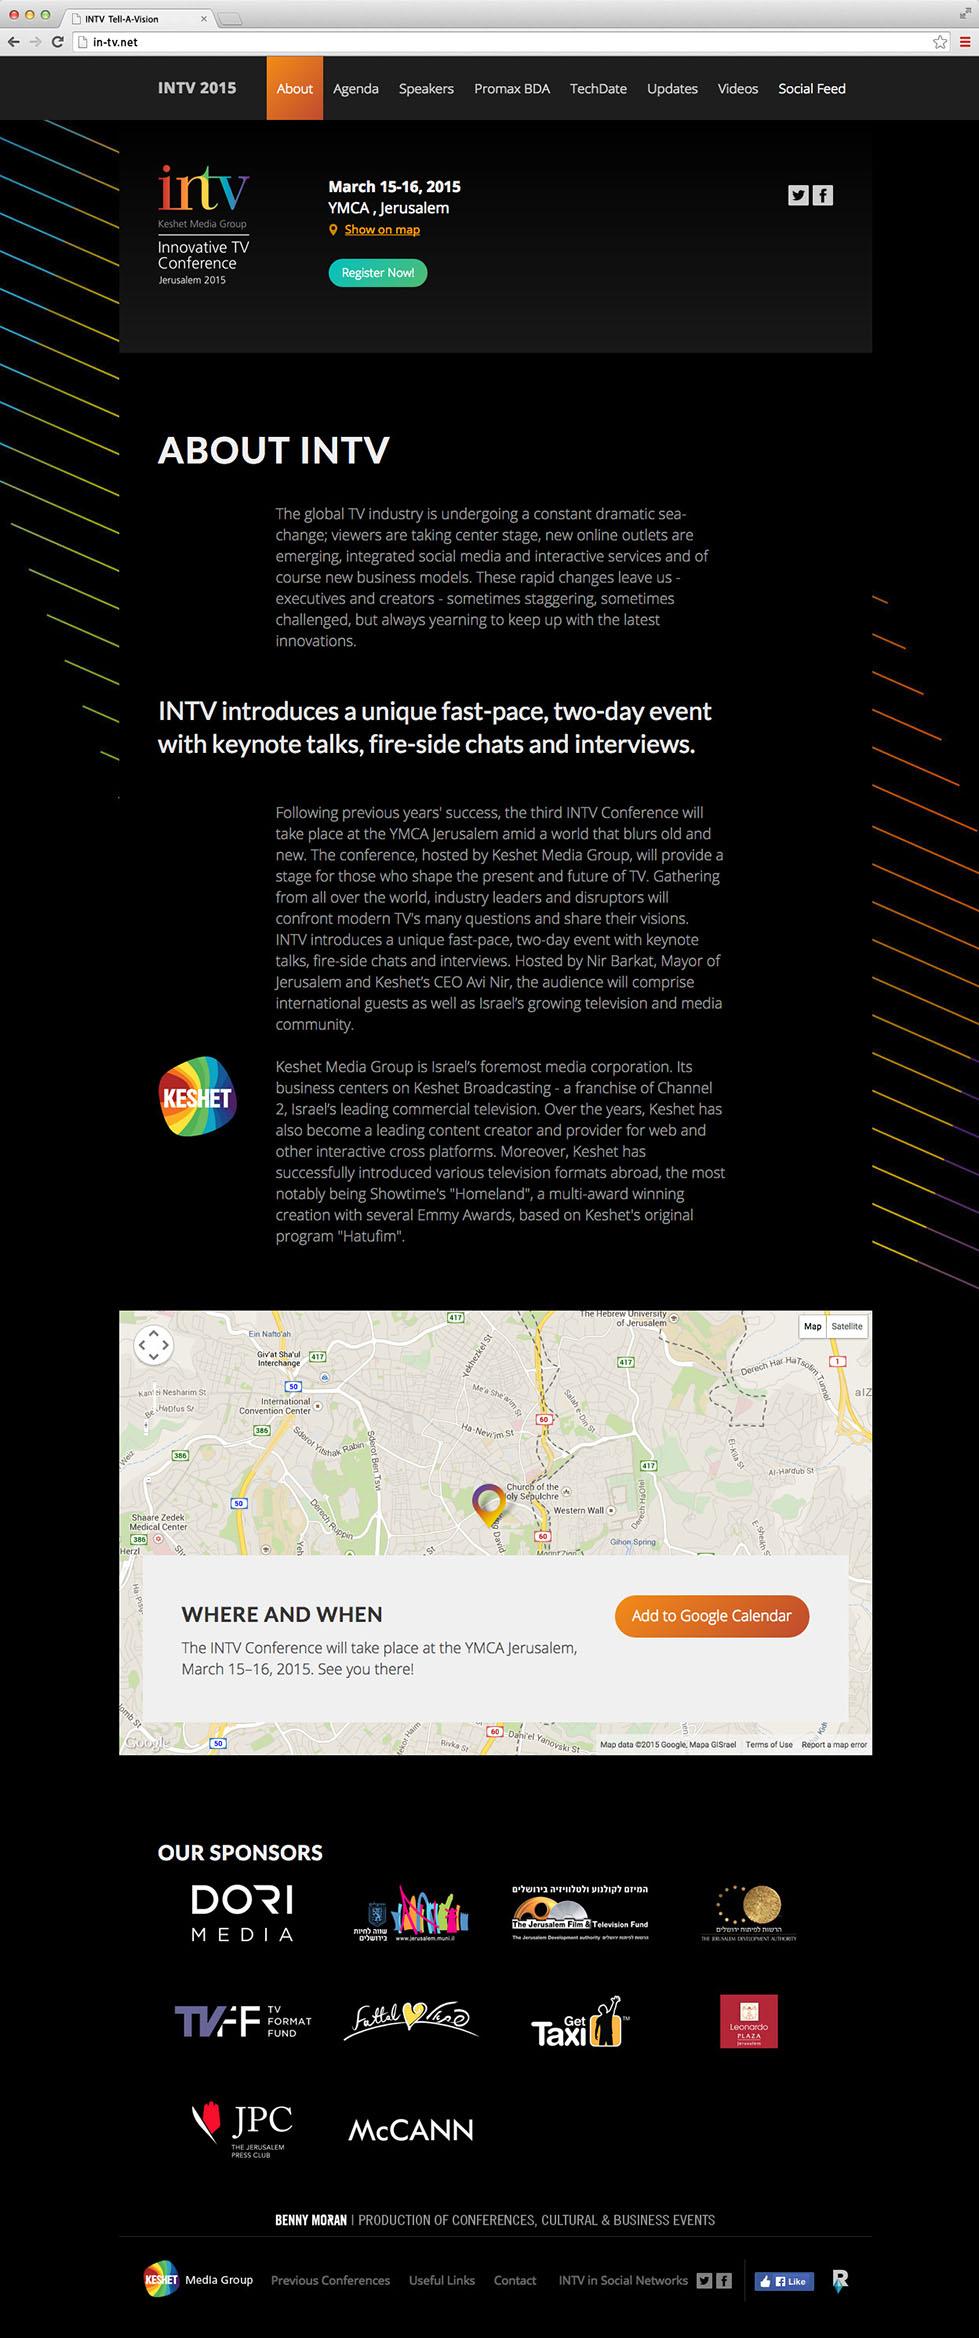 עמוד אודות הכנס בגרסת הדסקטופ, כנס INTV